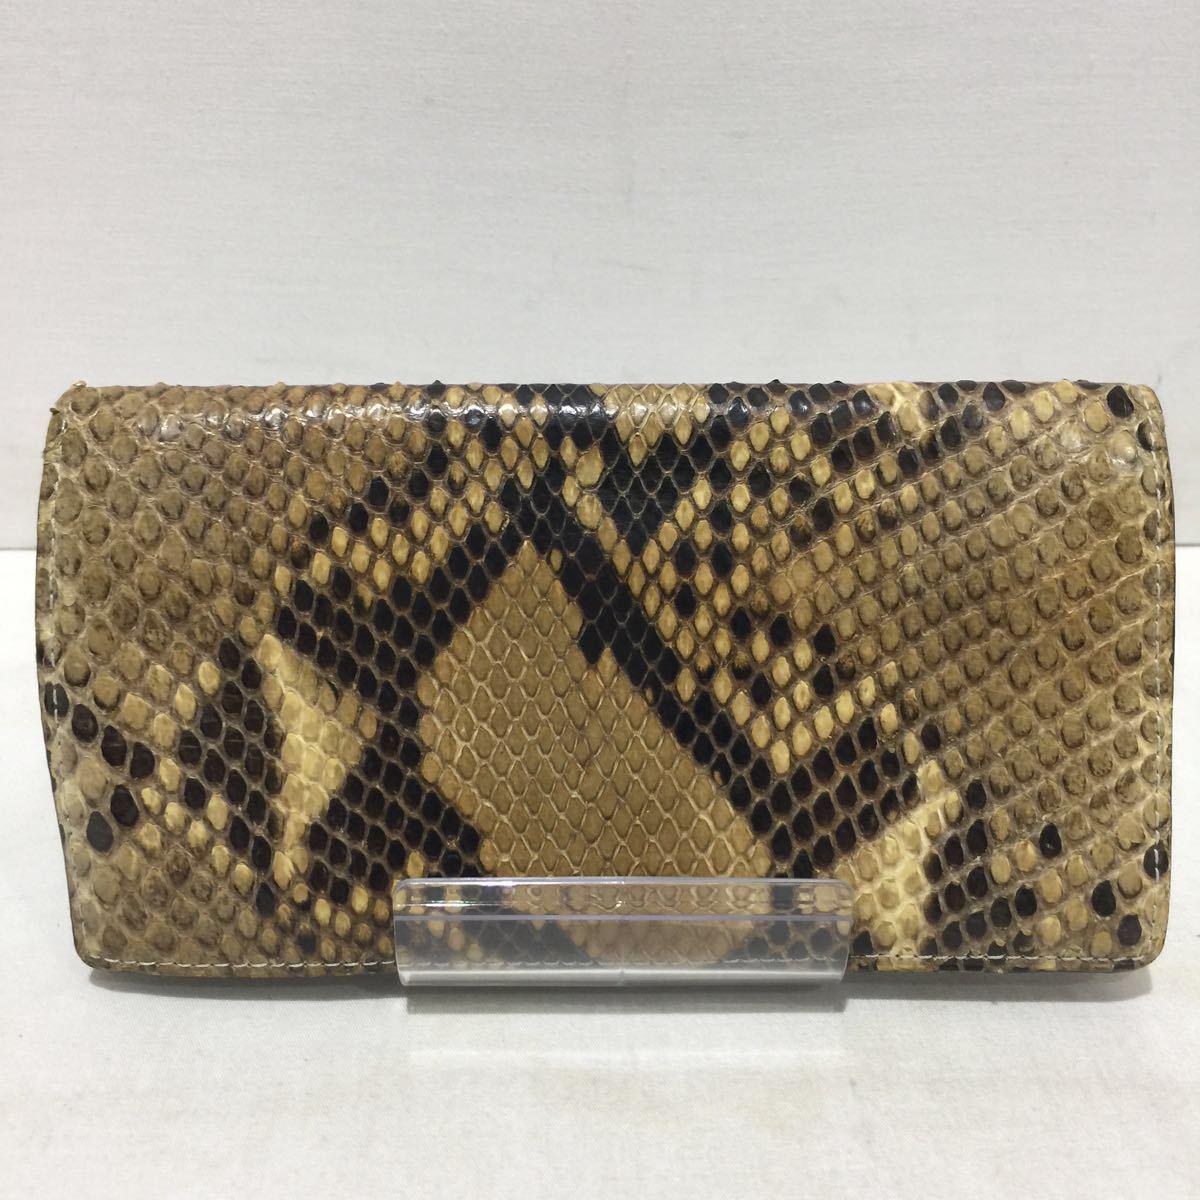 【Camille Fournet】二つ折り長財布 カミーユフォルネ パイソン レザー 革 柄 蛇柄_画像2